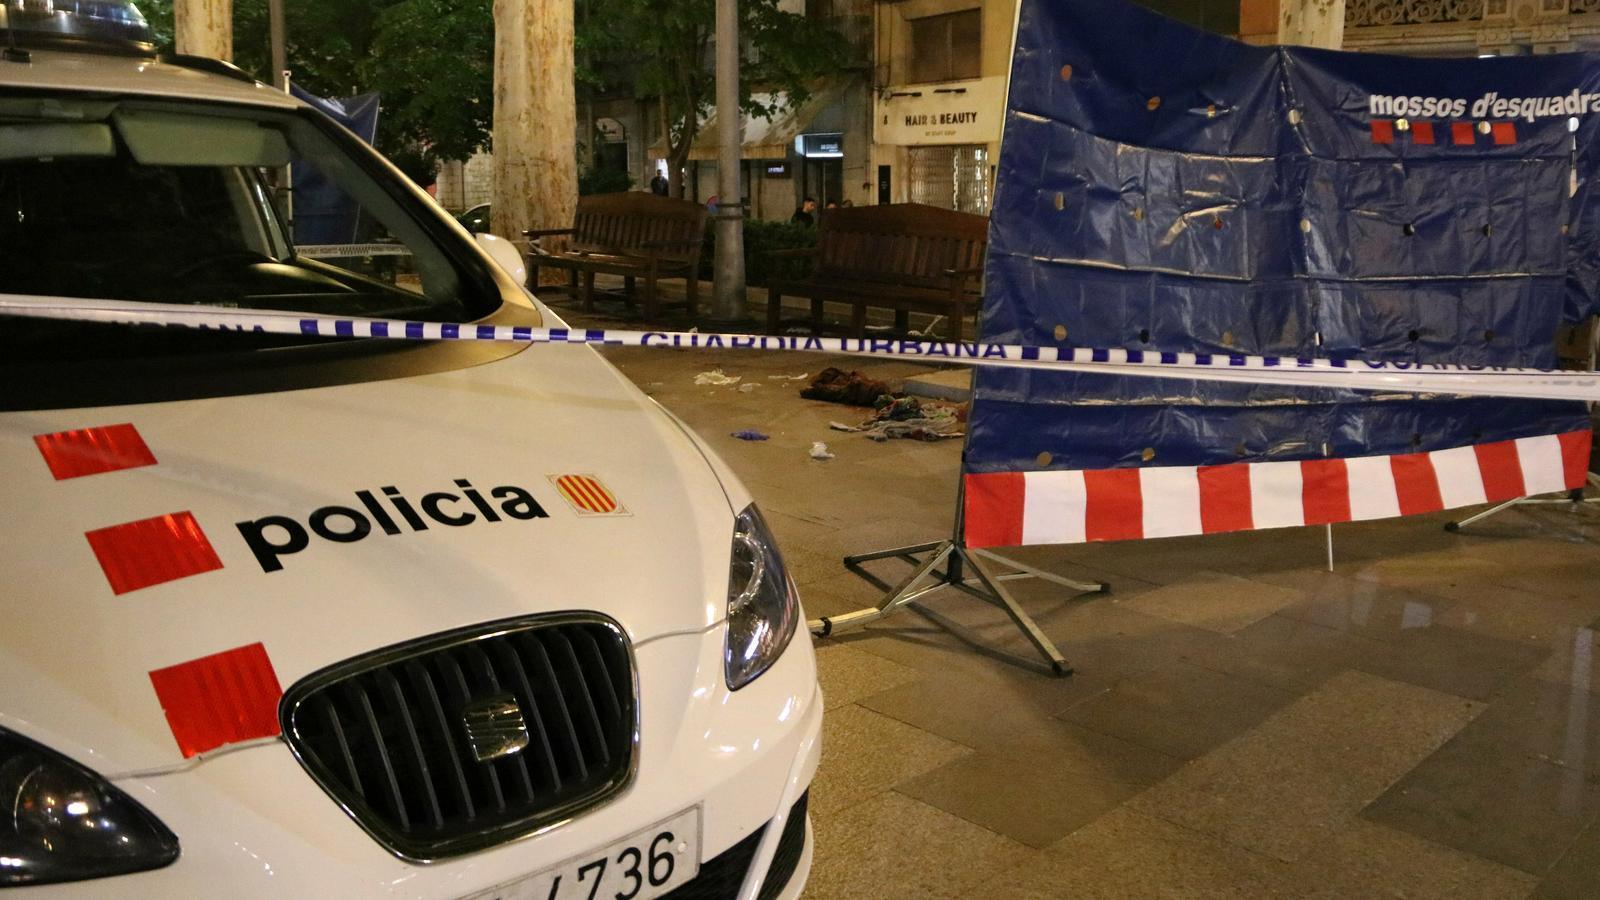 L'agressor que ahir va matar un home a Figueres ja havia assassinat una dona el 2006